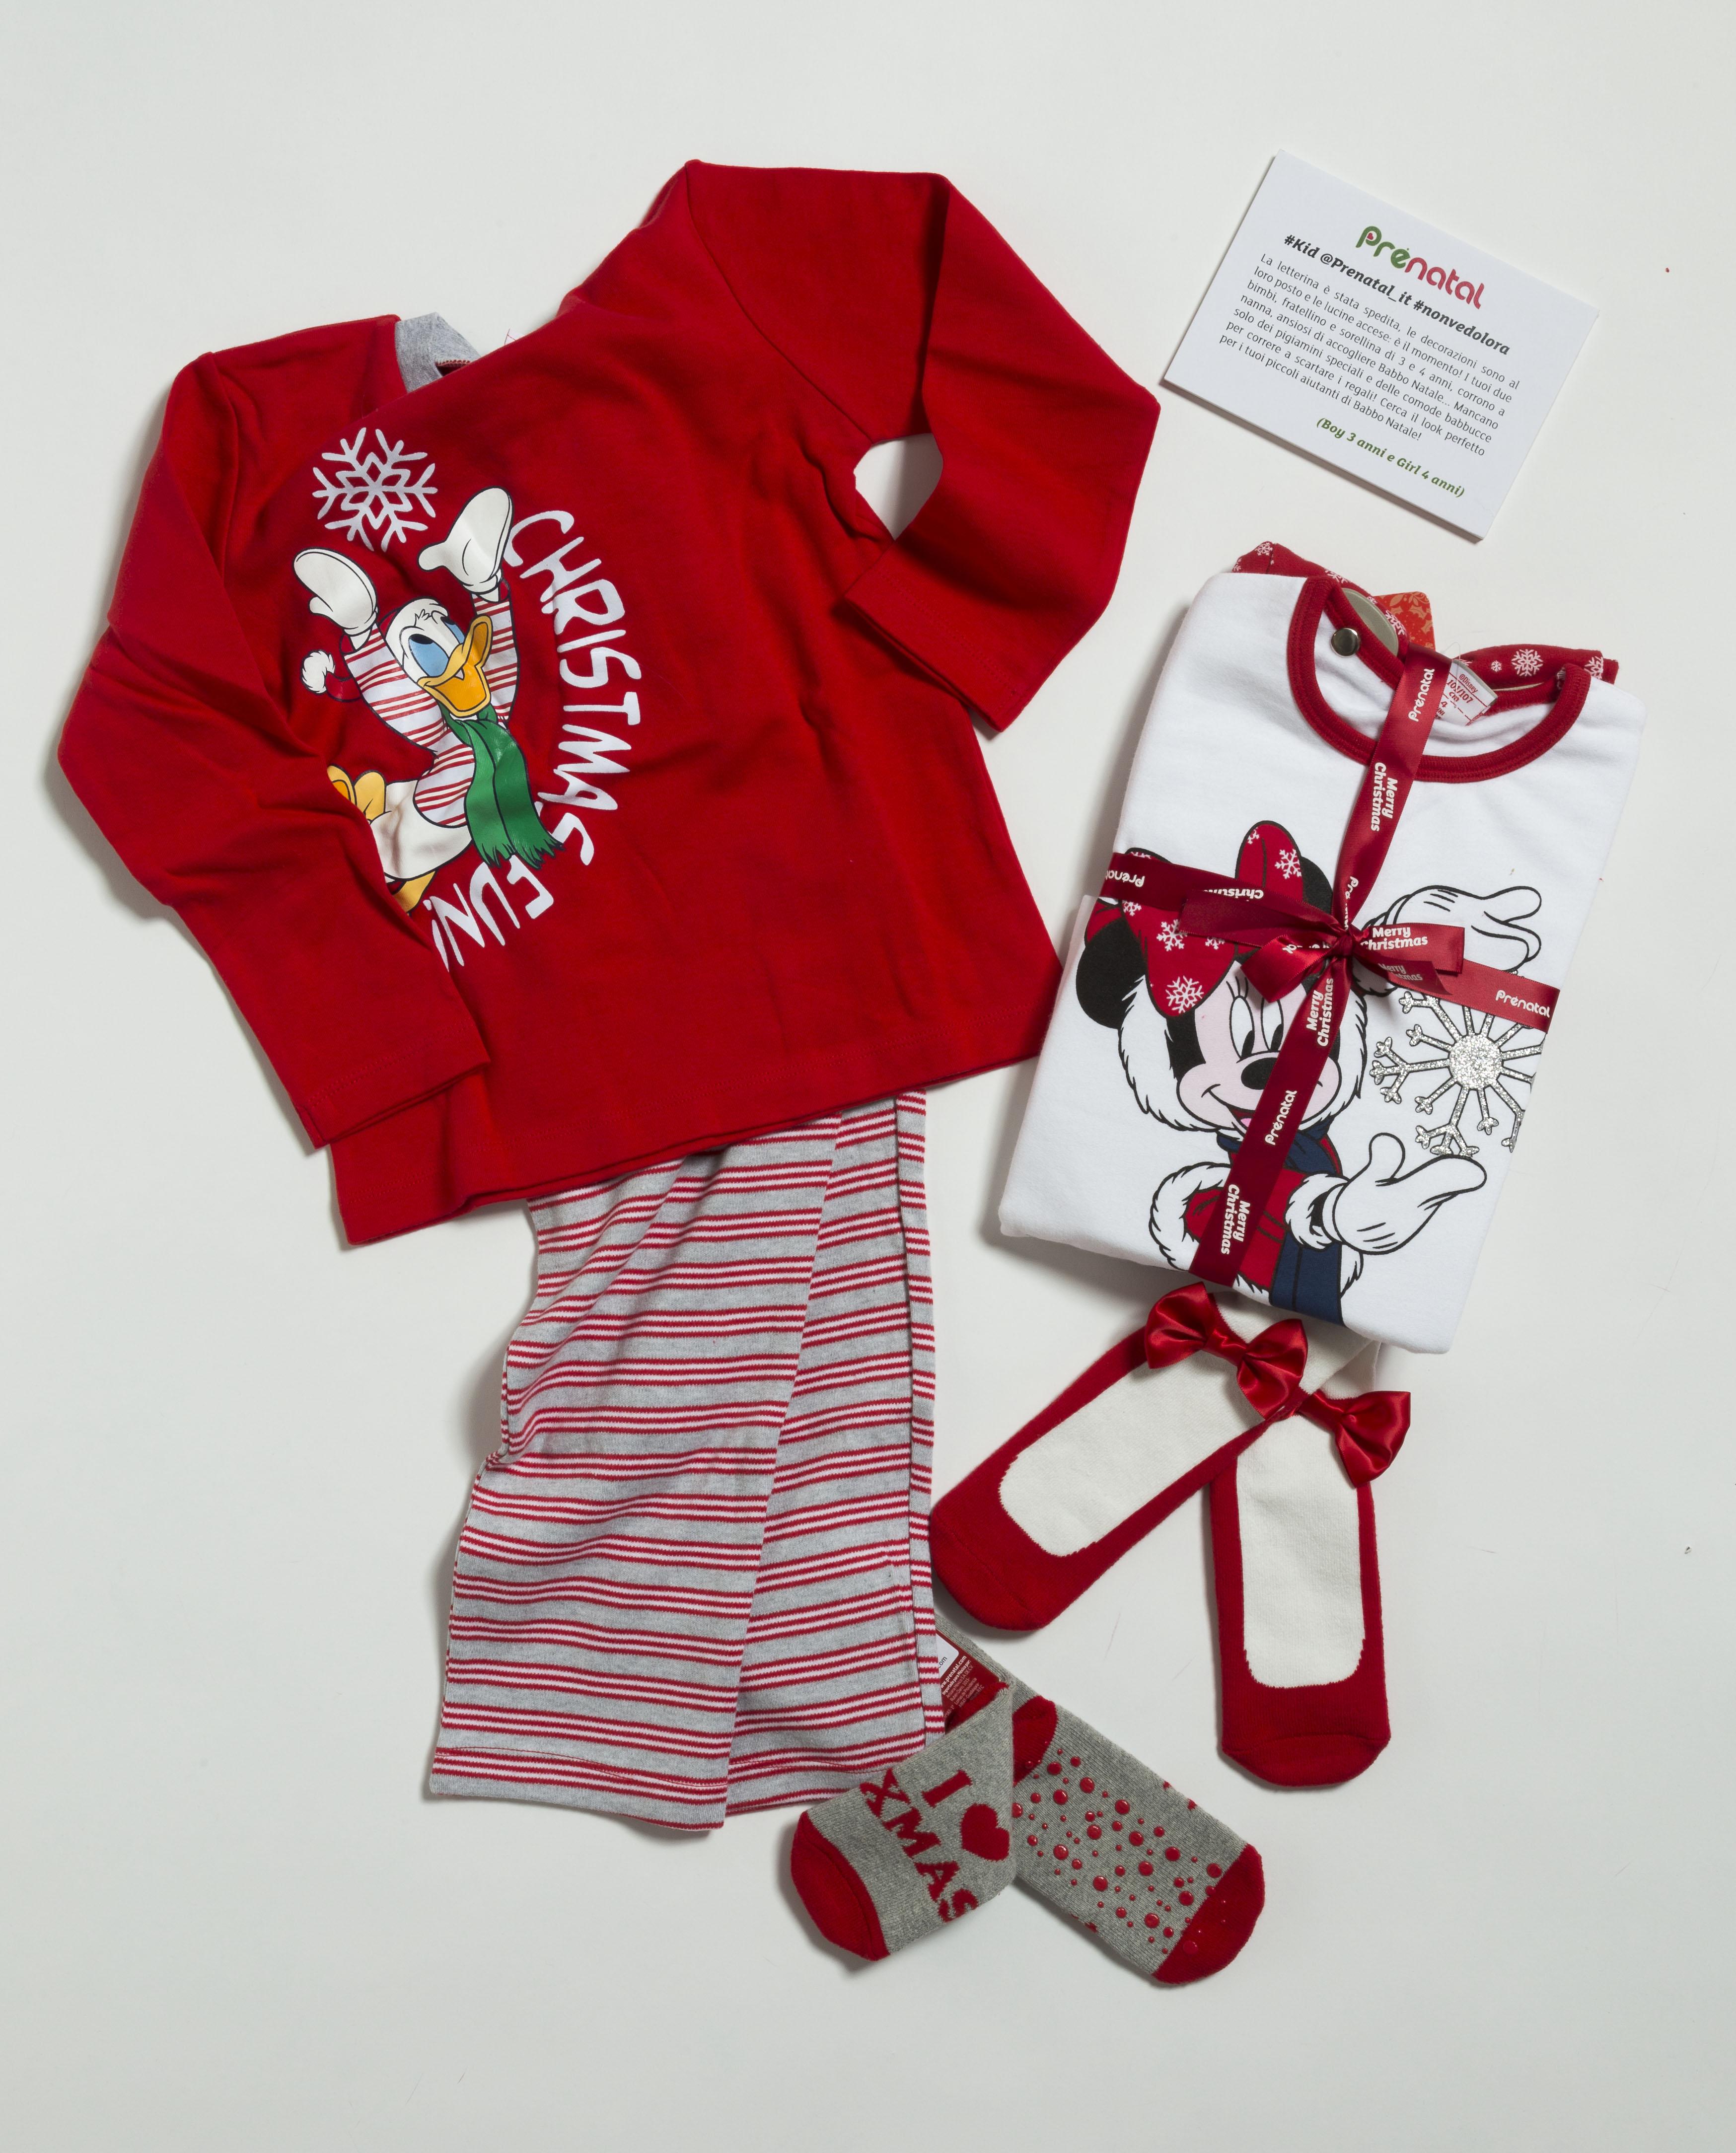 Decorazioni Natale Bambini 3 Anni.Natale Outfit Perfetto Secondo Prenatal Premaman Neonati E Bambini